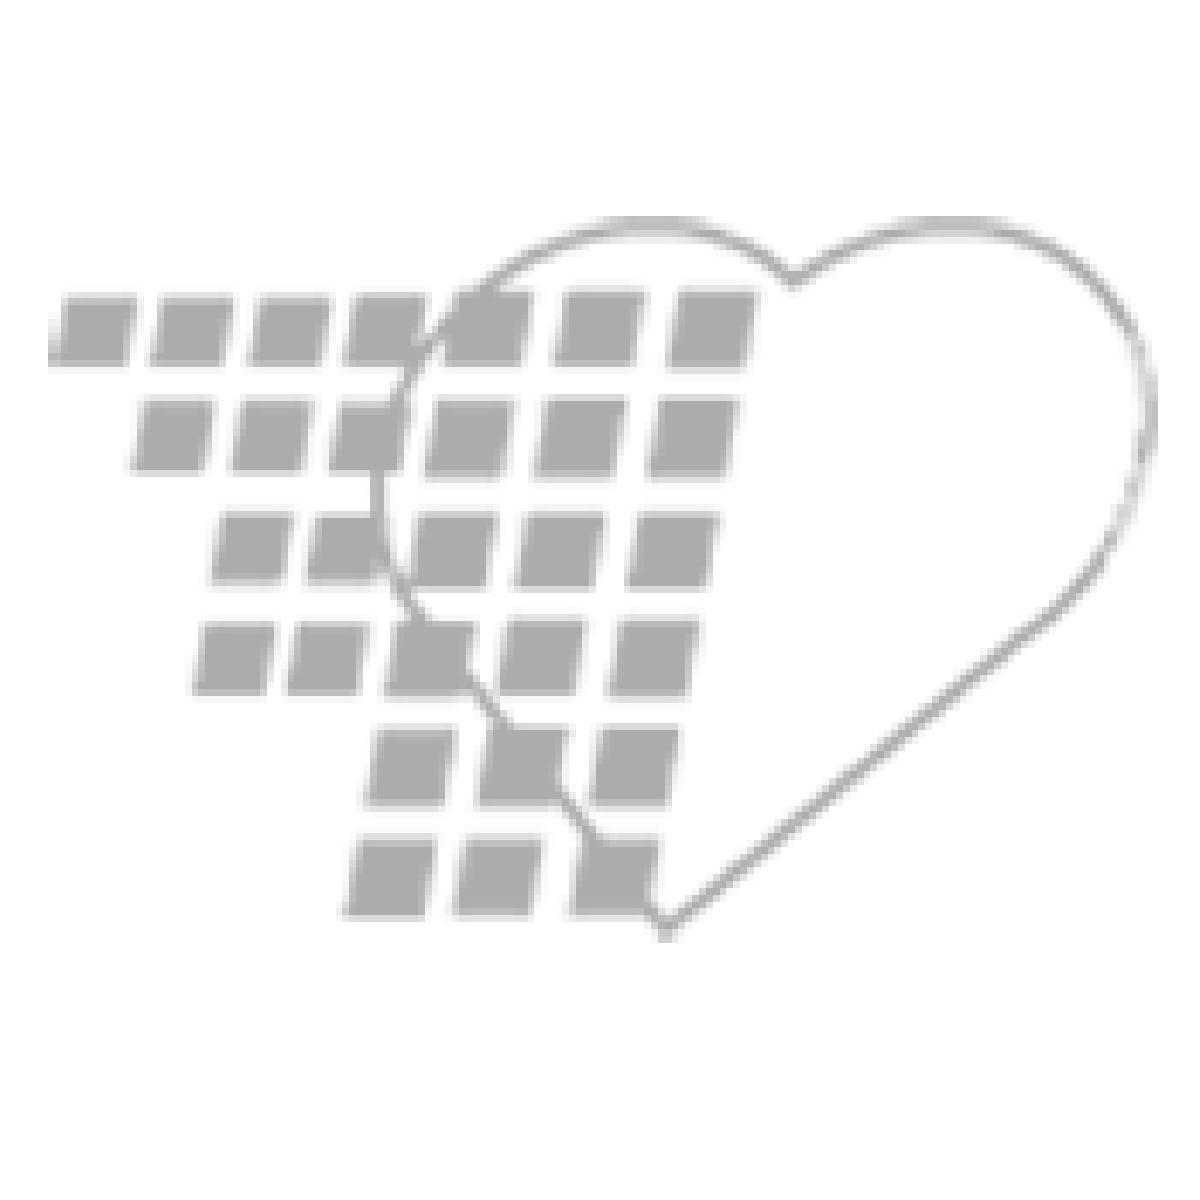 05-87-1114 Closed Urethral Tray 1000mL Bag - 14Fr